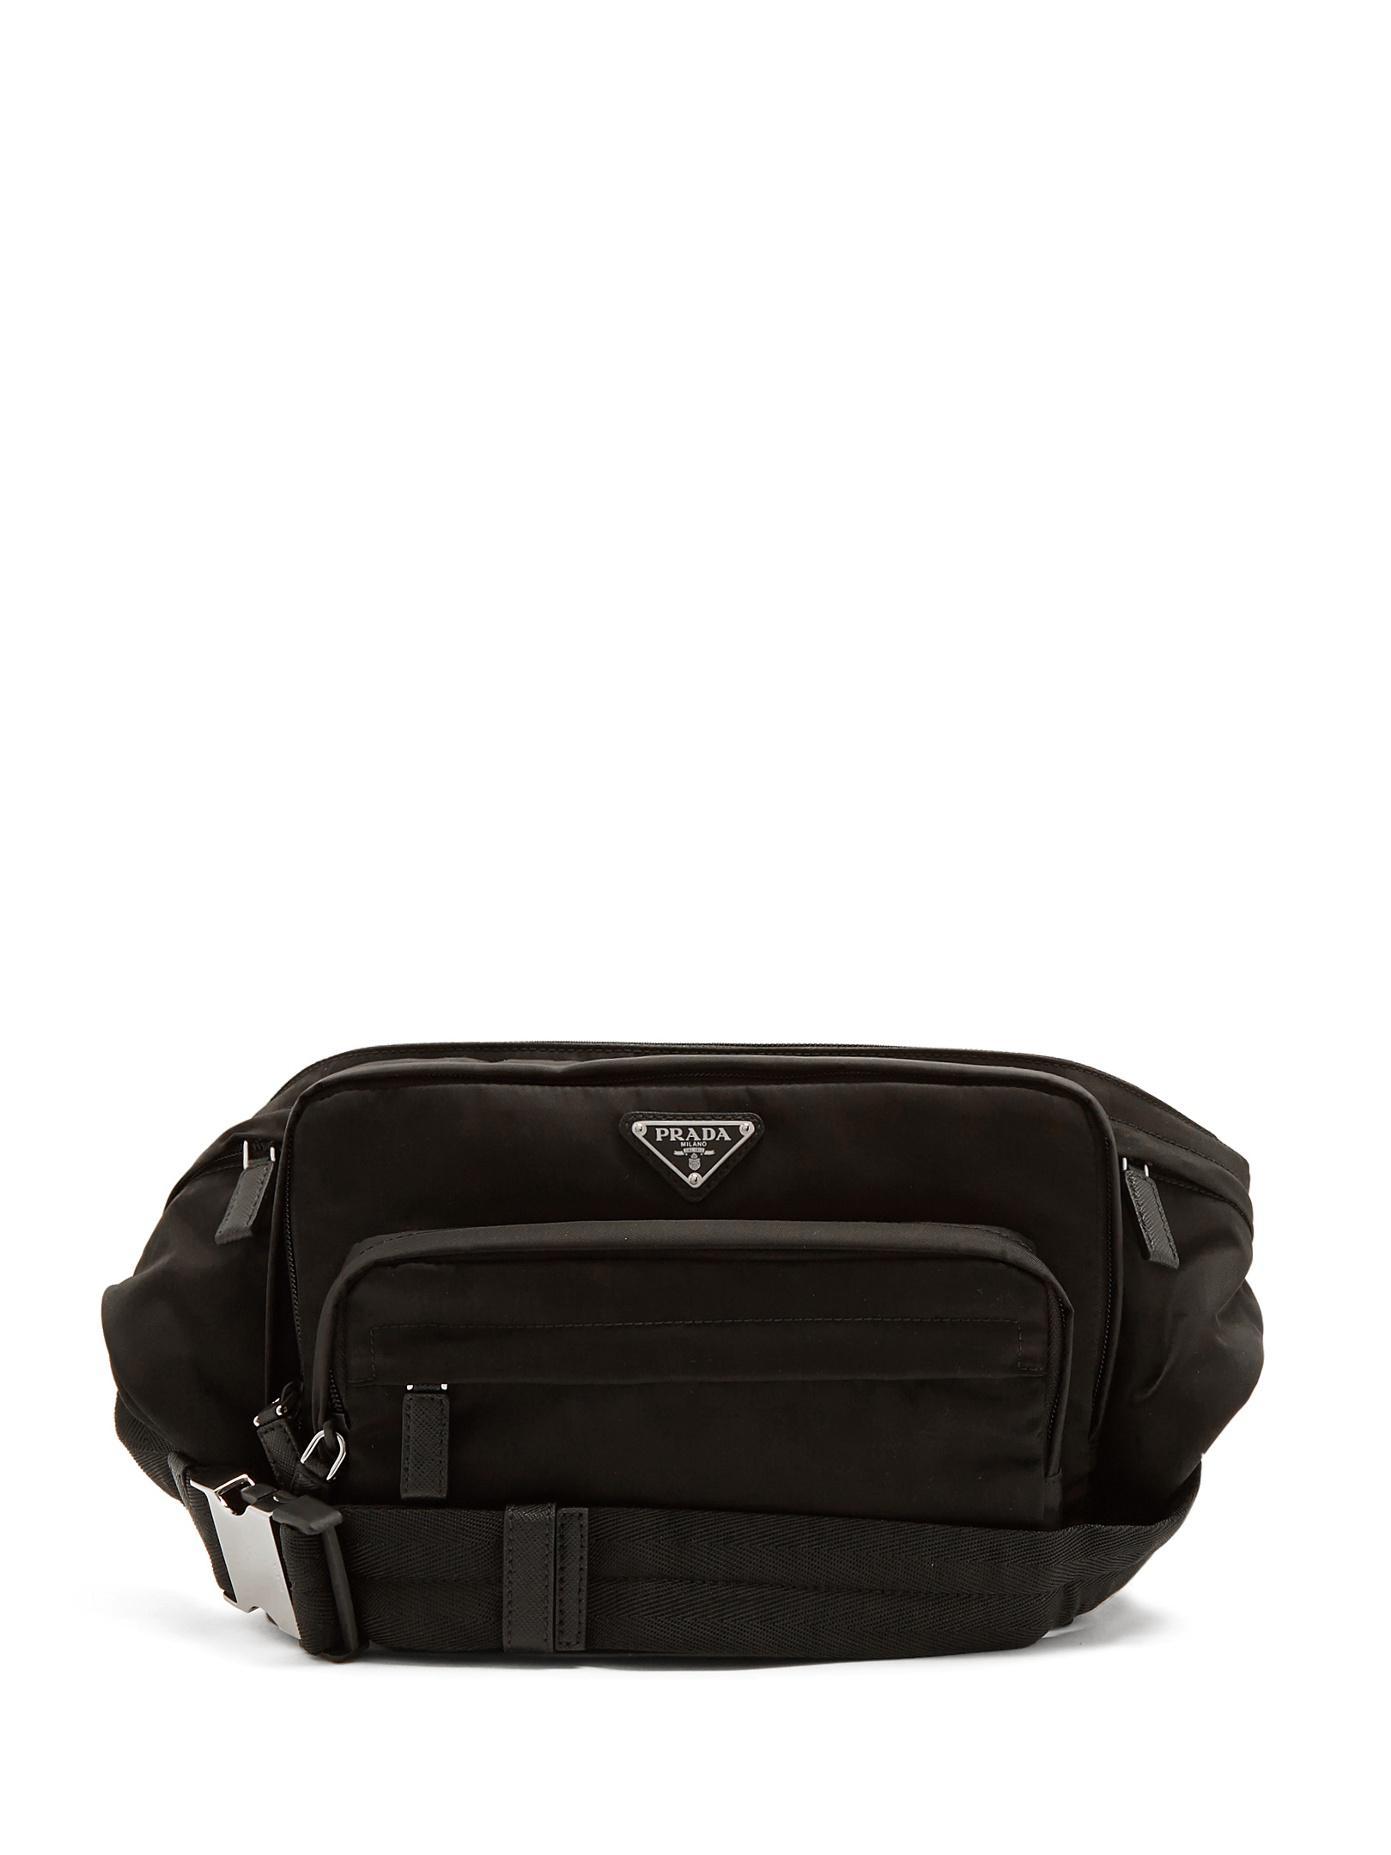 ... sale prada nylon belt bag in black for men lyst 5af56 95dc7 e1010fc23ff07